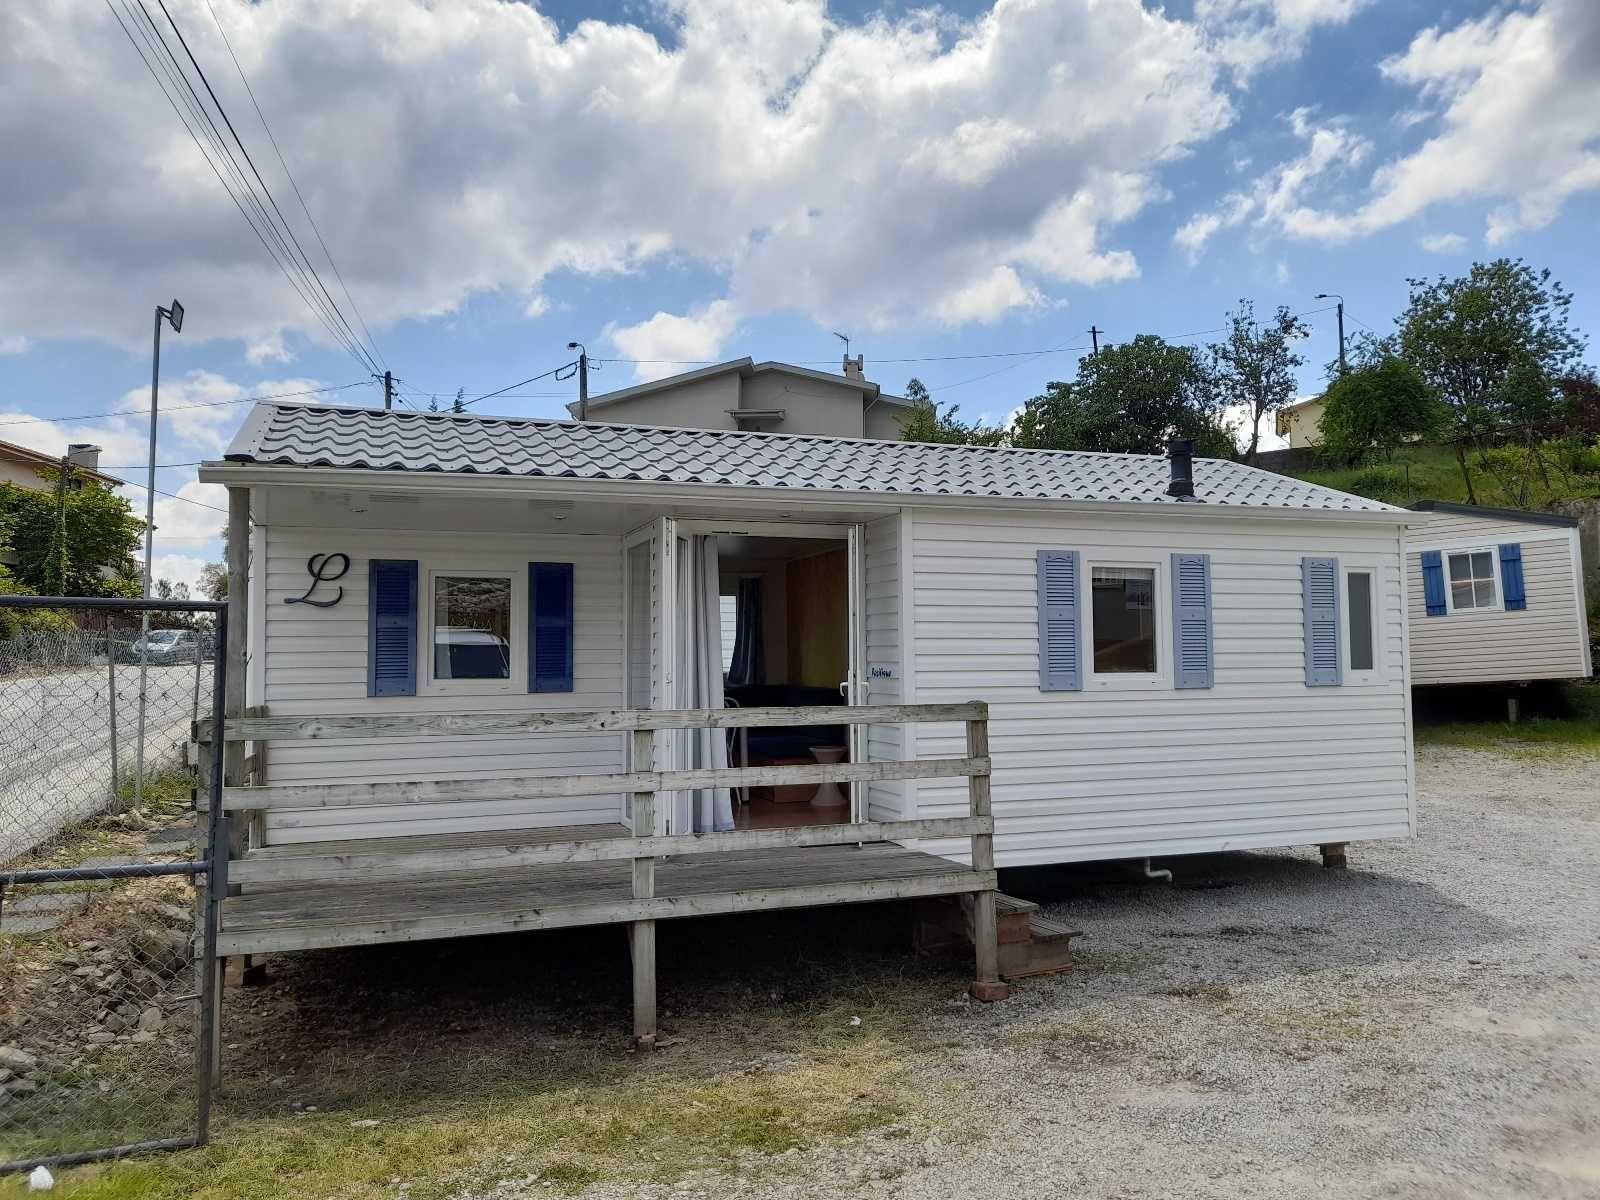 Casa Móvel / Mobile Home Nº 1006 LOISIANE PACIFIQUE T2 8x4m